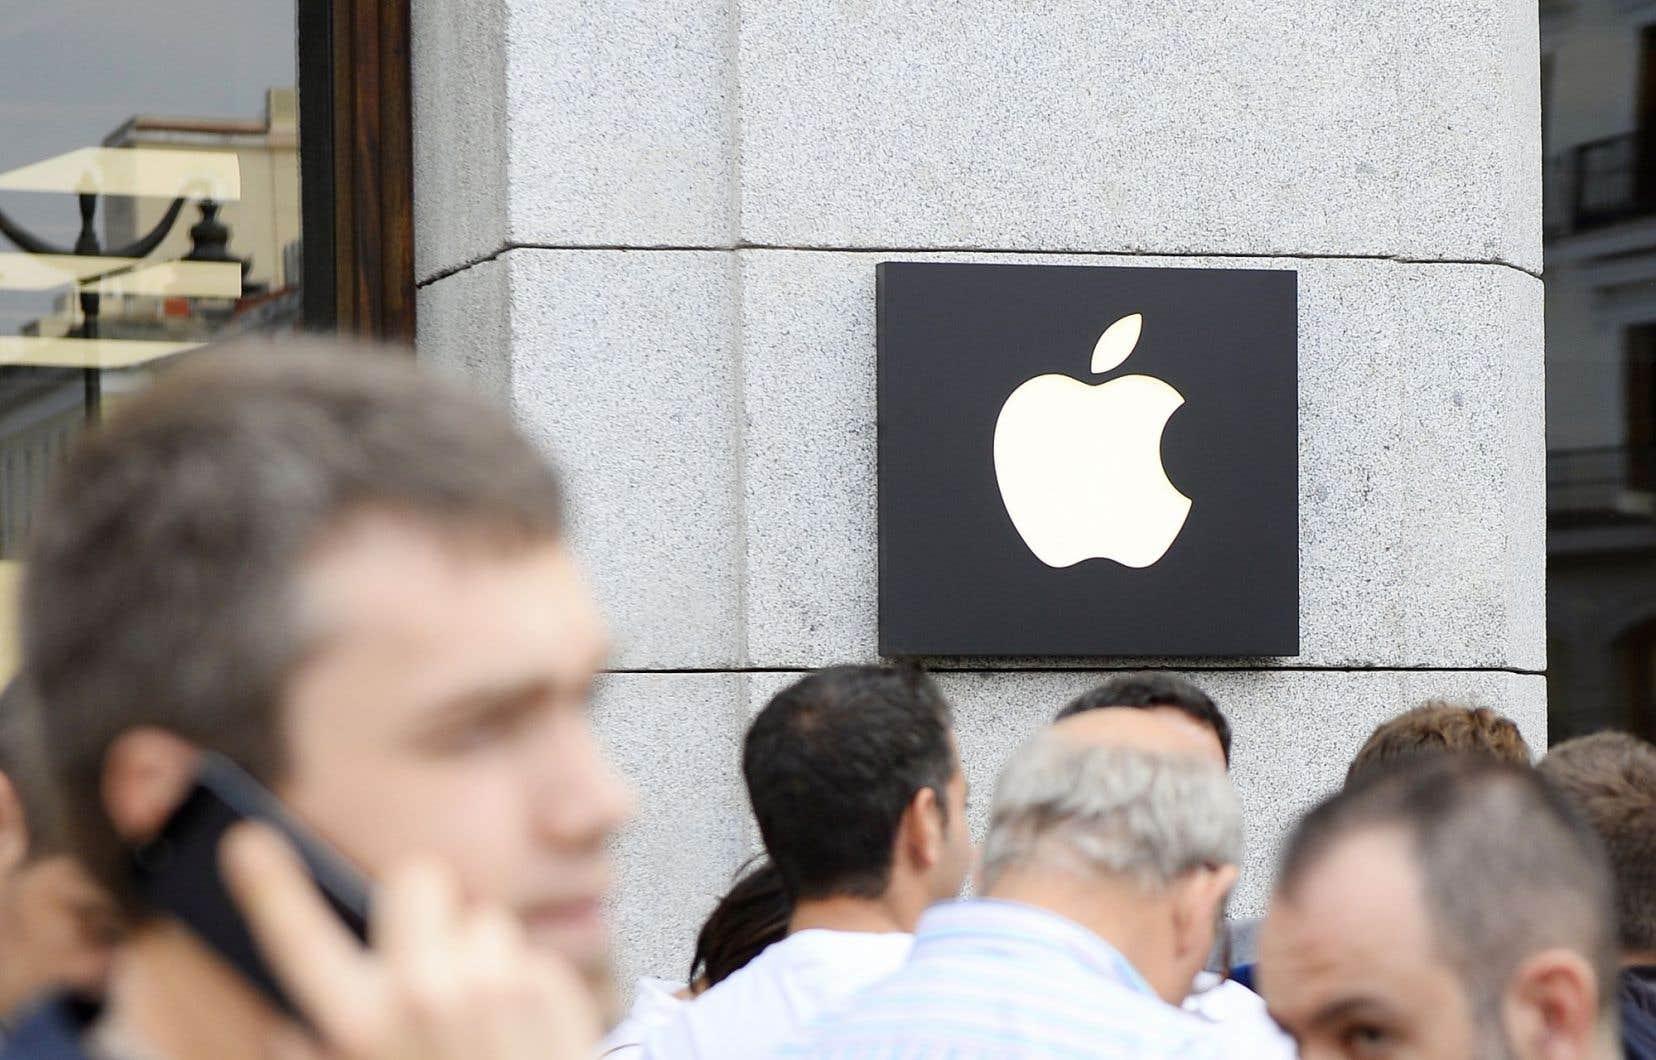 La Commission européenne vérifiera si Apple profite d'une aide illégale de l'Irlande.